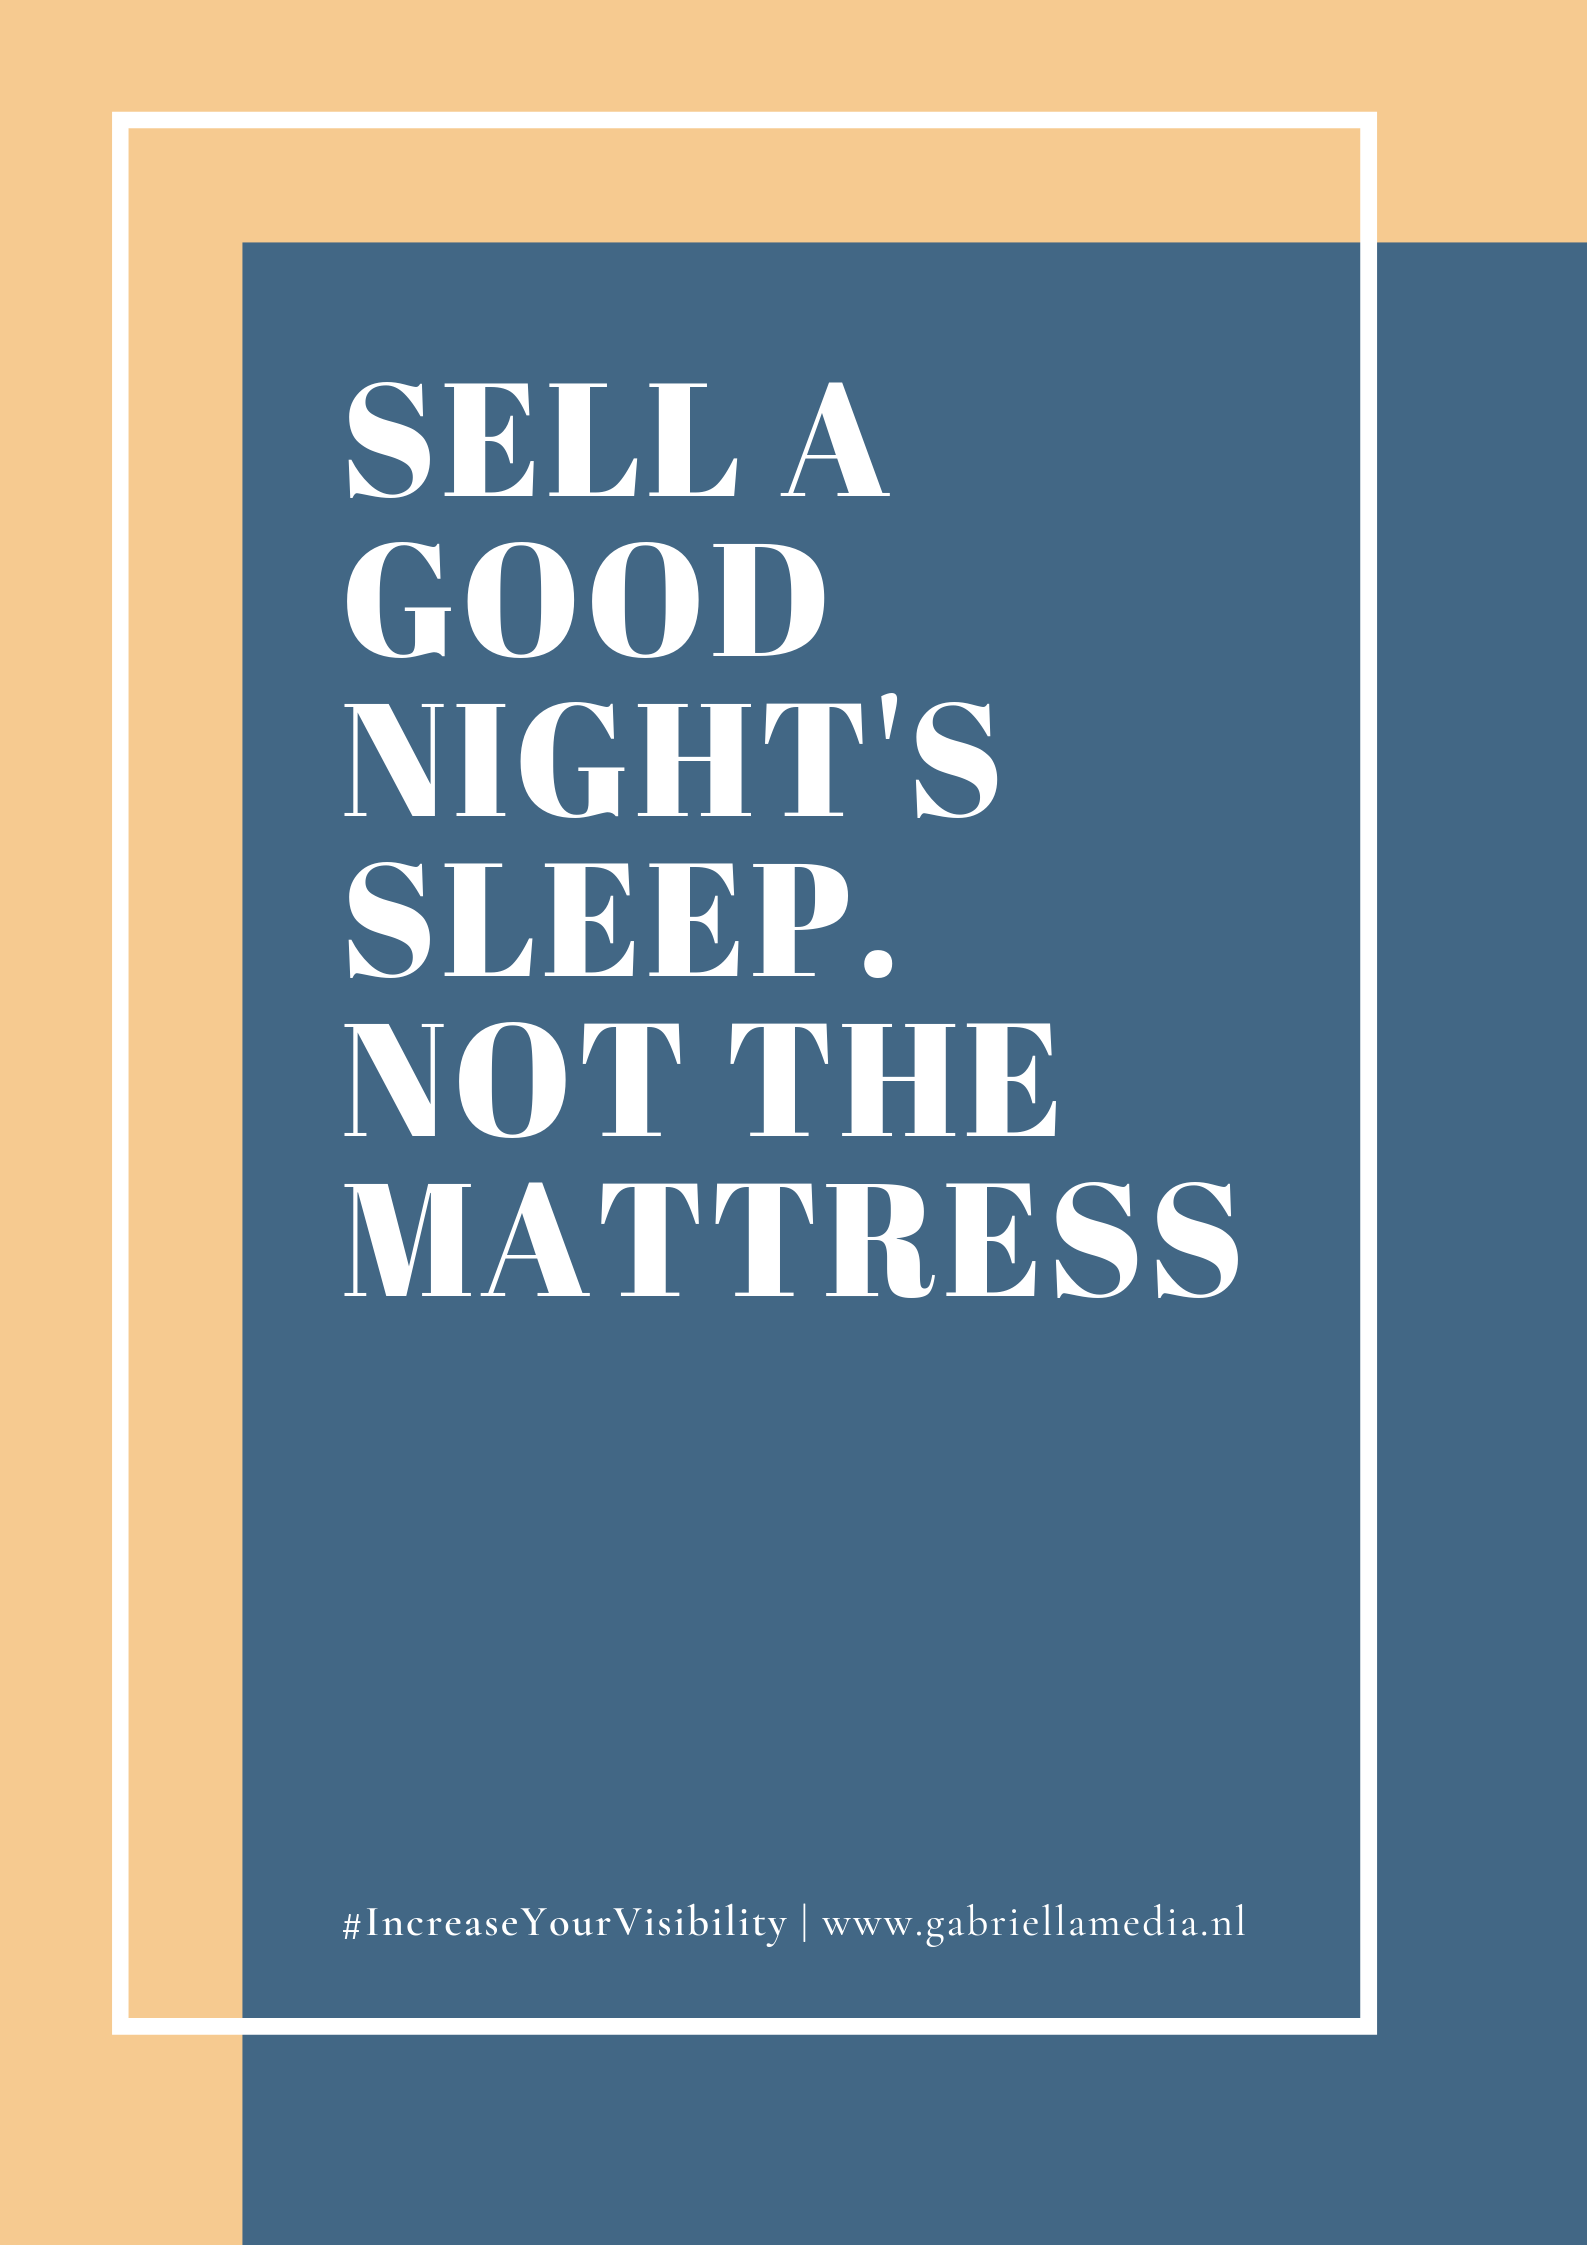 #01/2019 - Printable | Sell a good night's sleep